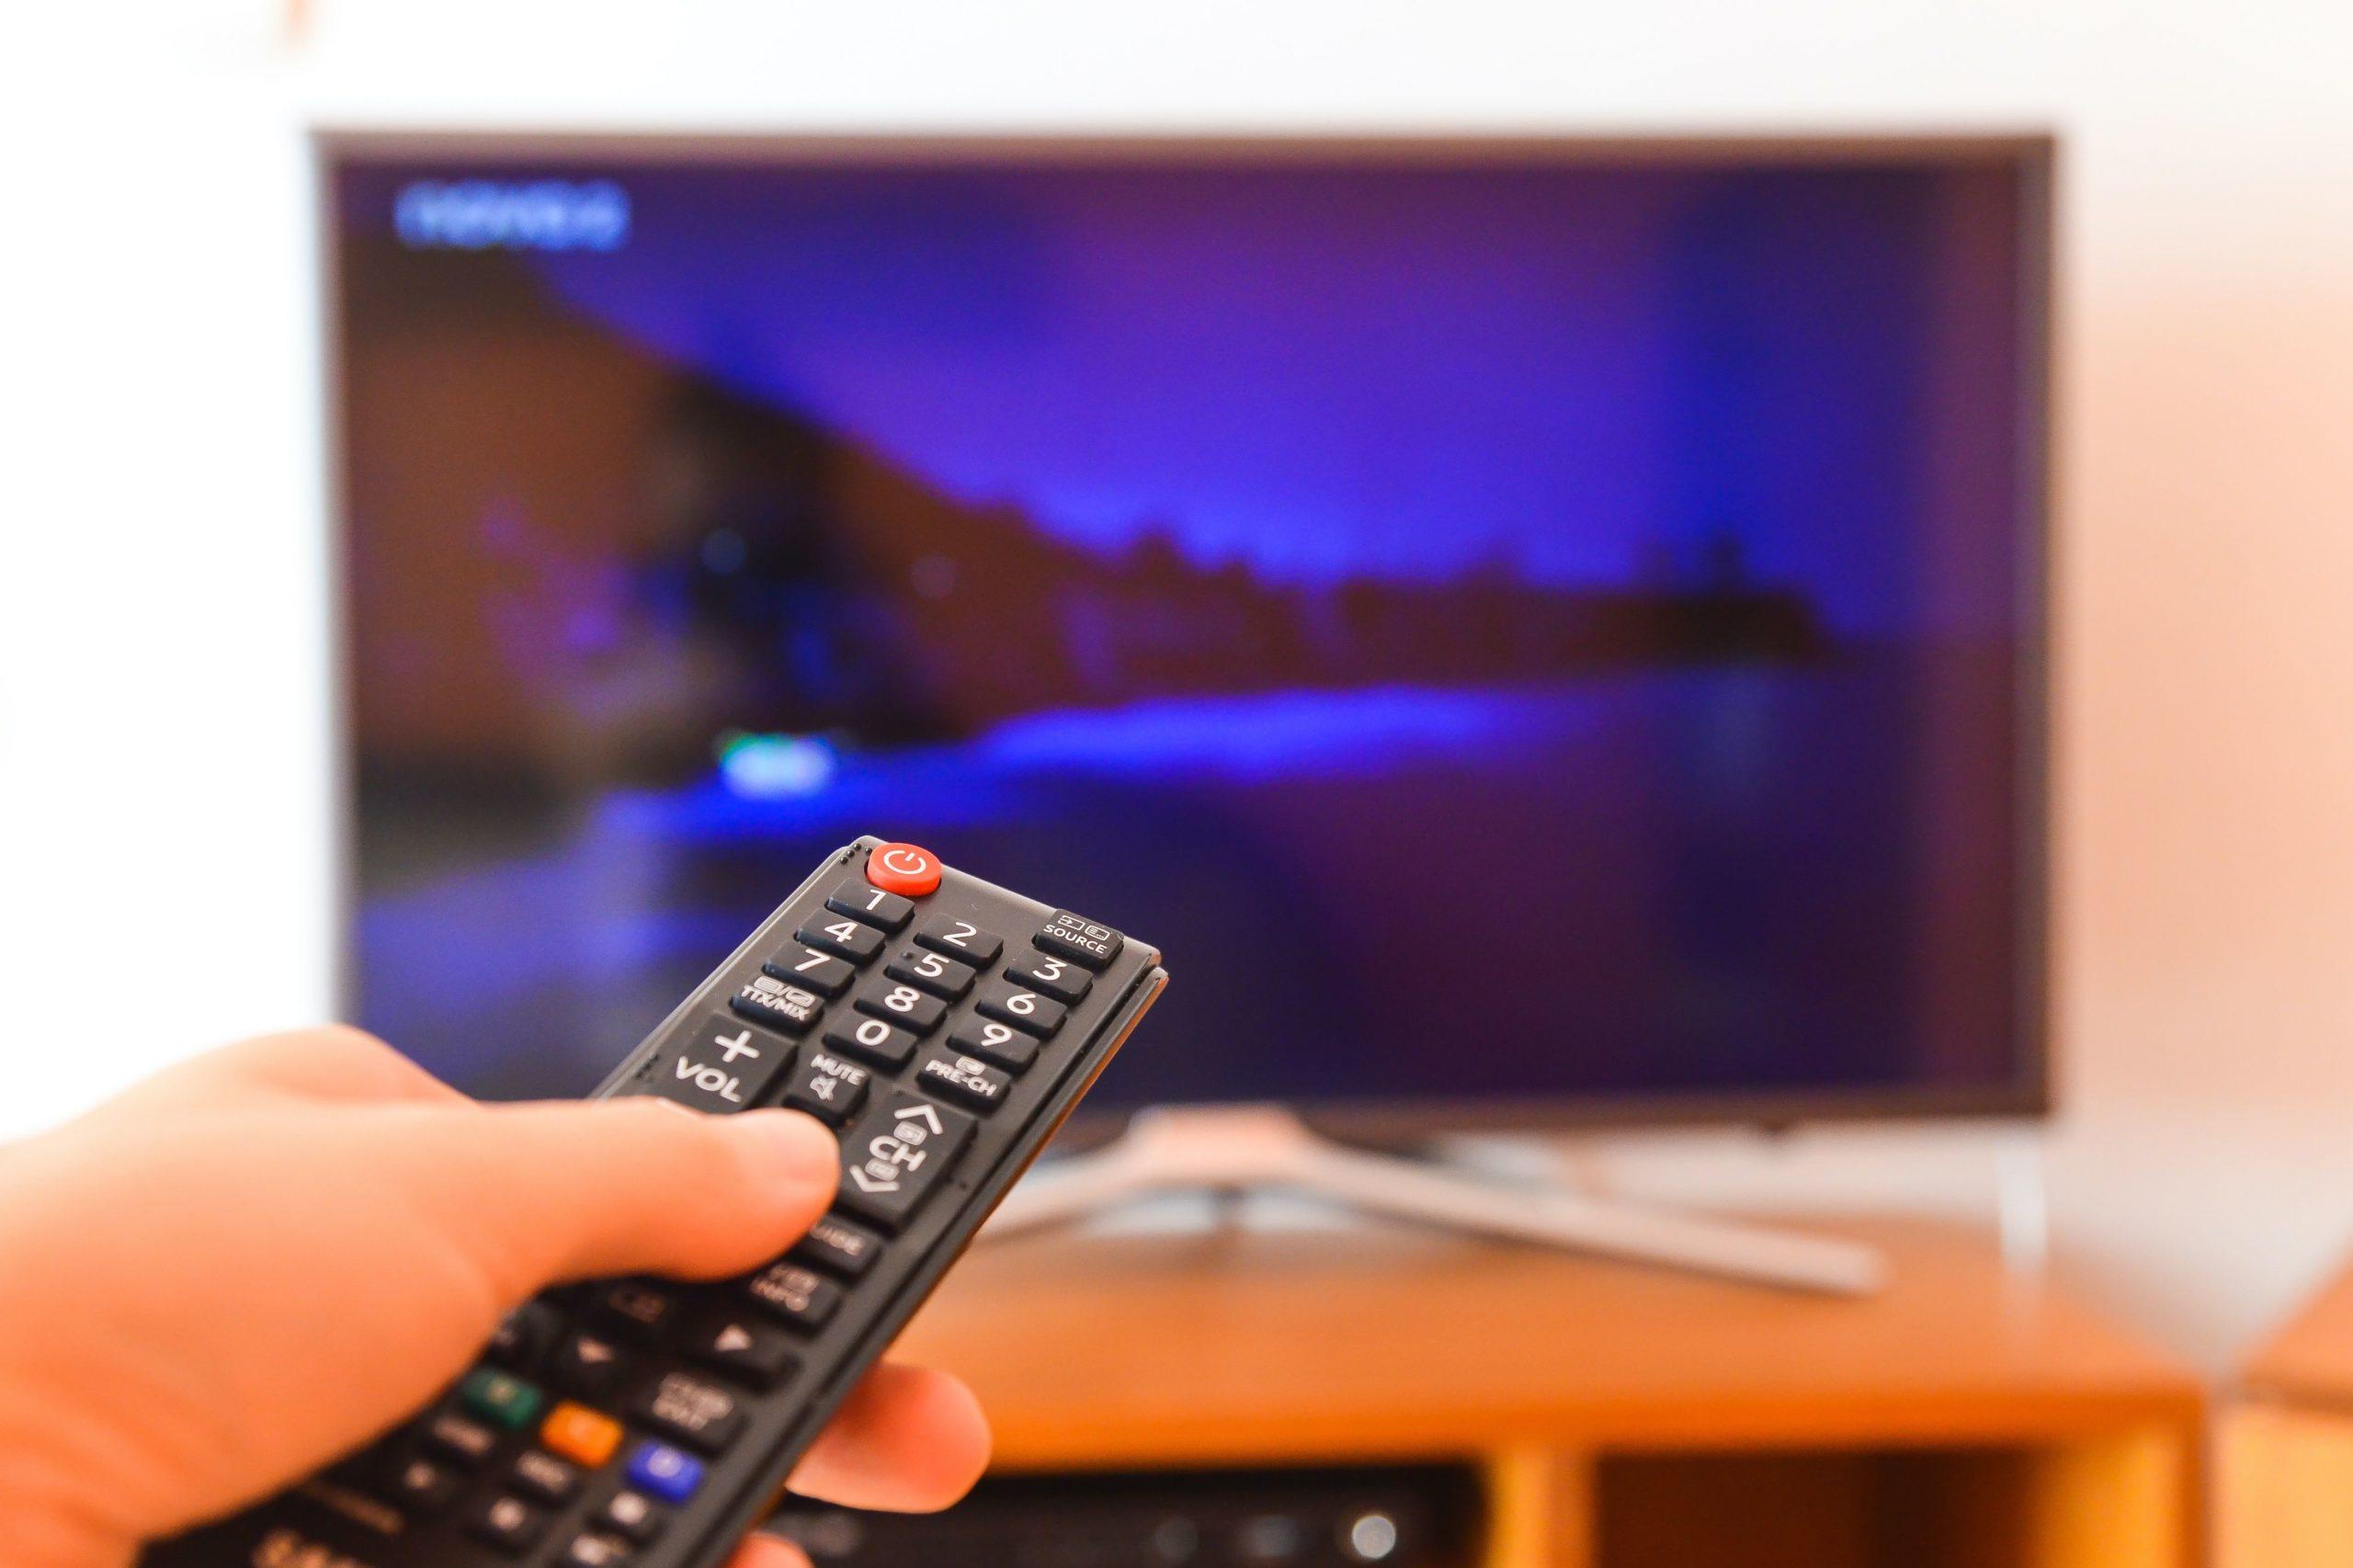 コスパ最高! ハイセンスのテレビ4種を比較! 55U7E・ 55U7F・55U8F・58S6Eどれがお買い得!?